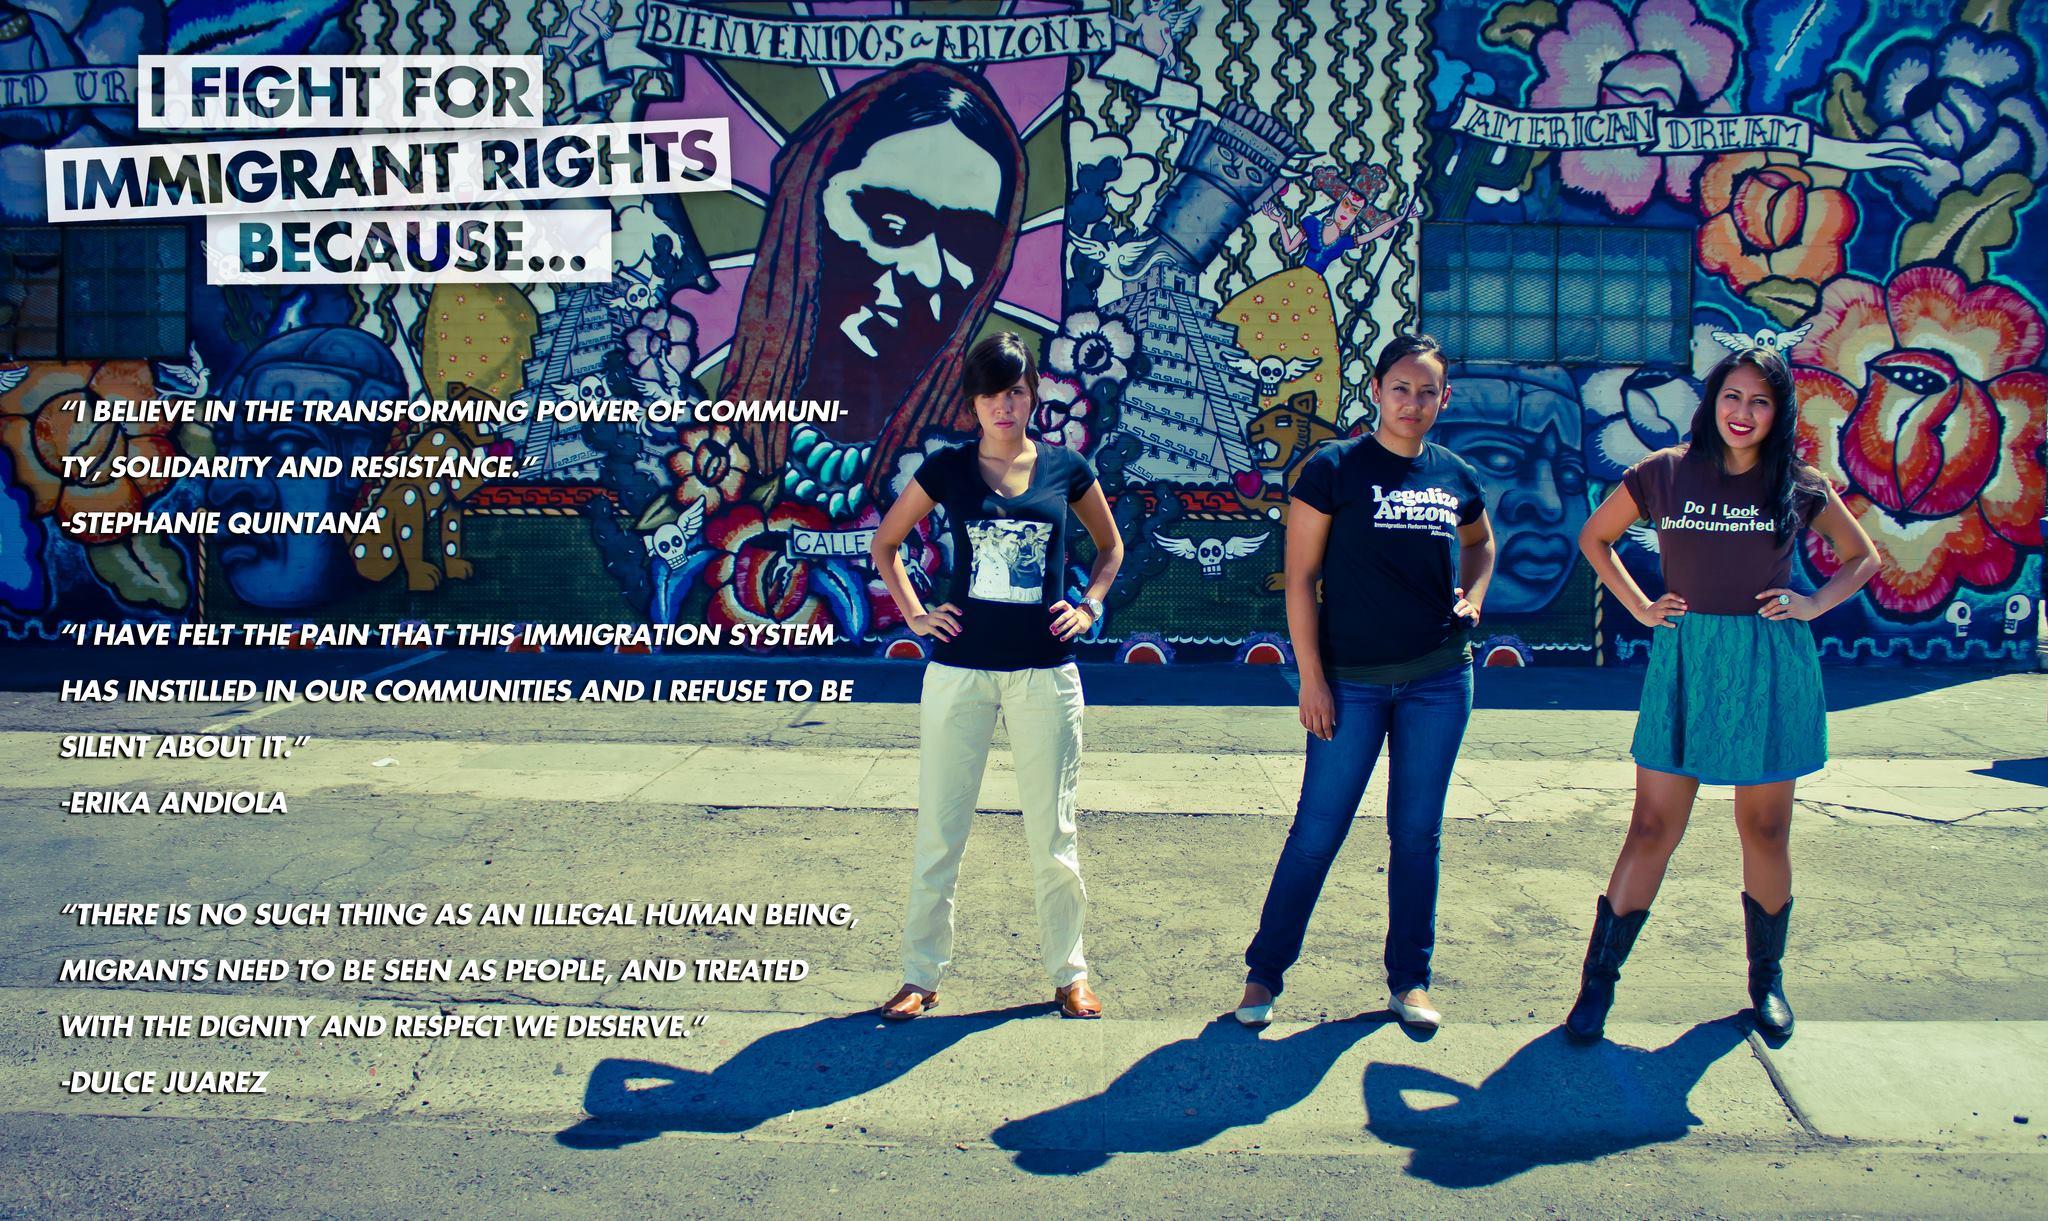 Stephanie Quintana Martinez, Erika Andiola, Dulce Juarez